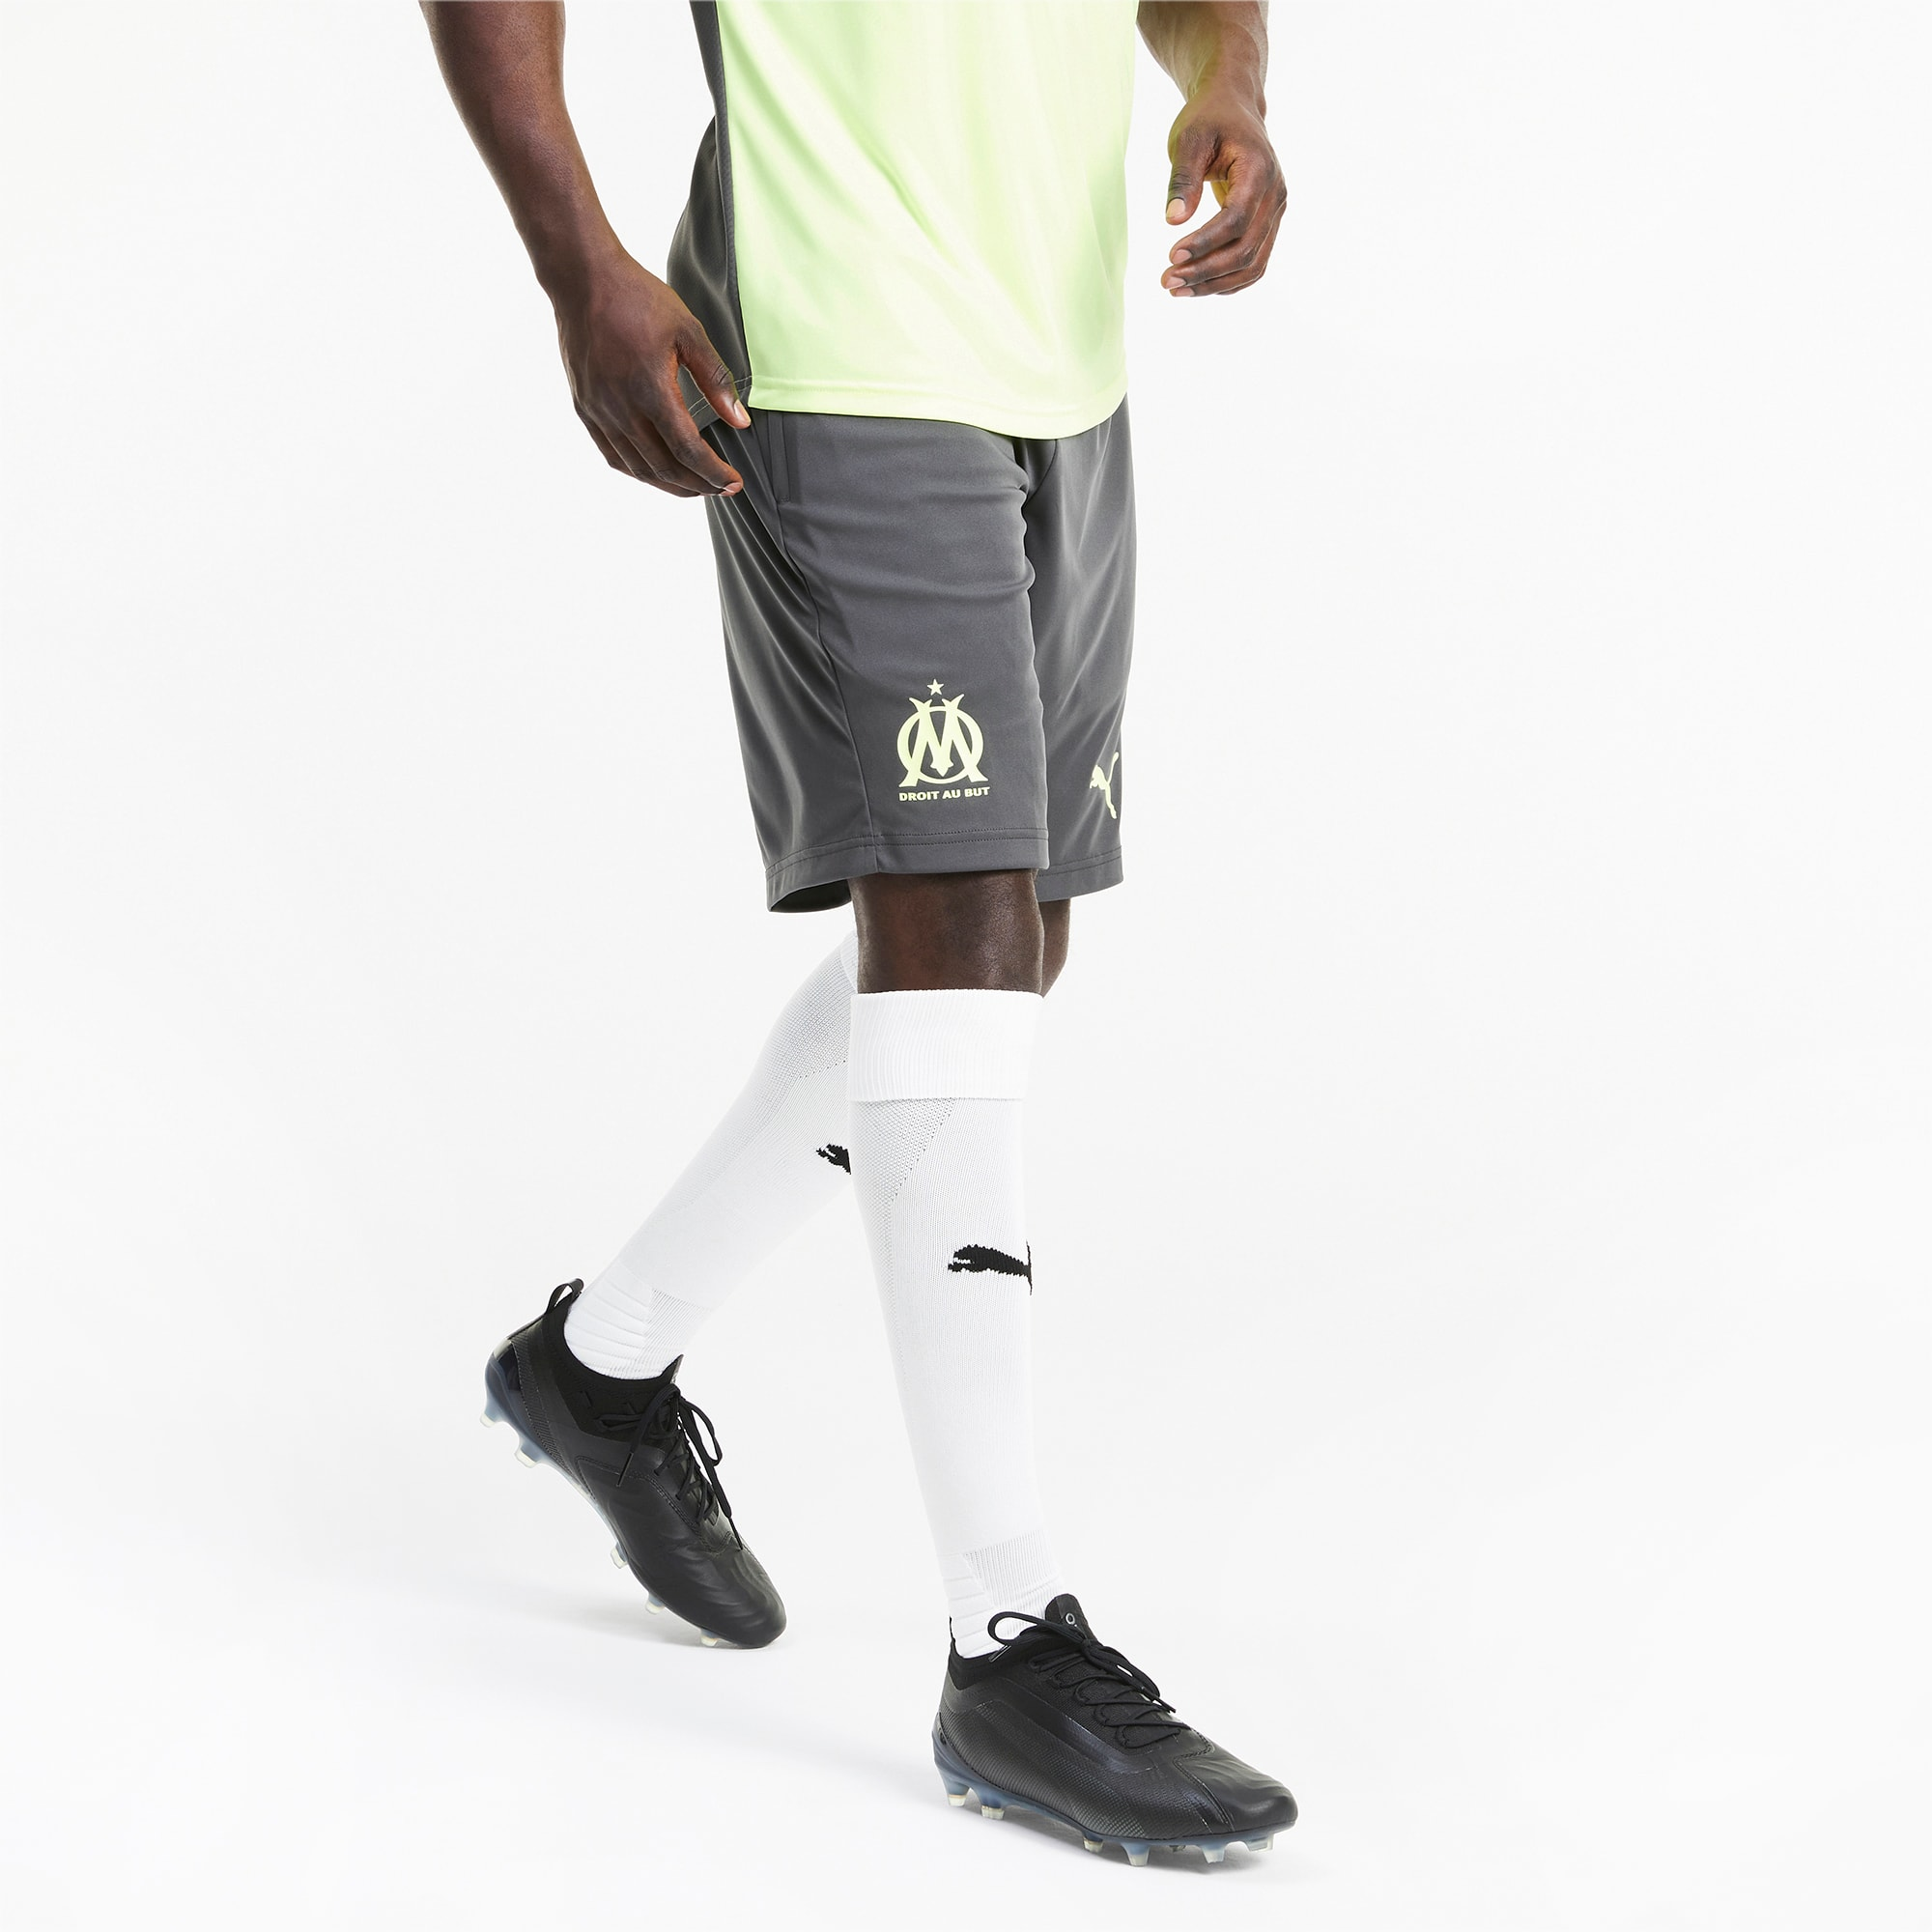 PUMA Olympique de Marseille Herren Trainingsshorts | Mit Aucun | Grau/Gelb | Größe: M